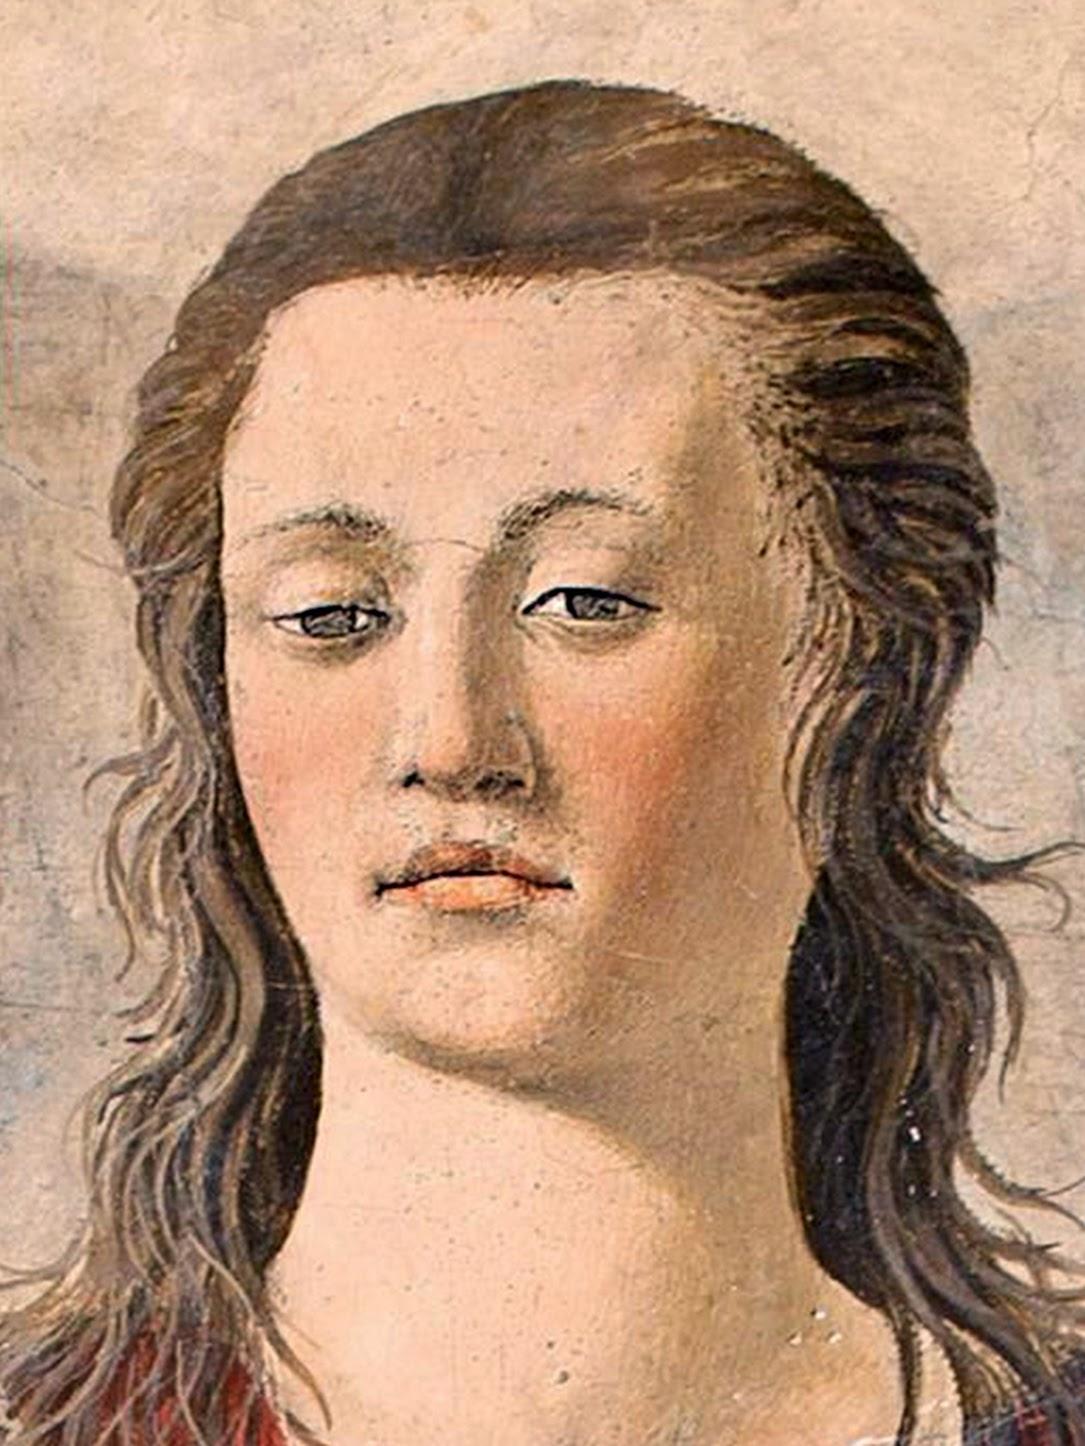 Piero della Francesca, Maria Maddalena (particolare face Maddalena), affresco, 190 cm × 105 cm, Cattedrale di San Donato, Arezzo